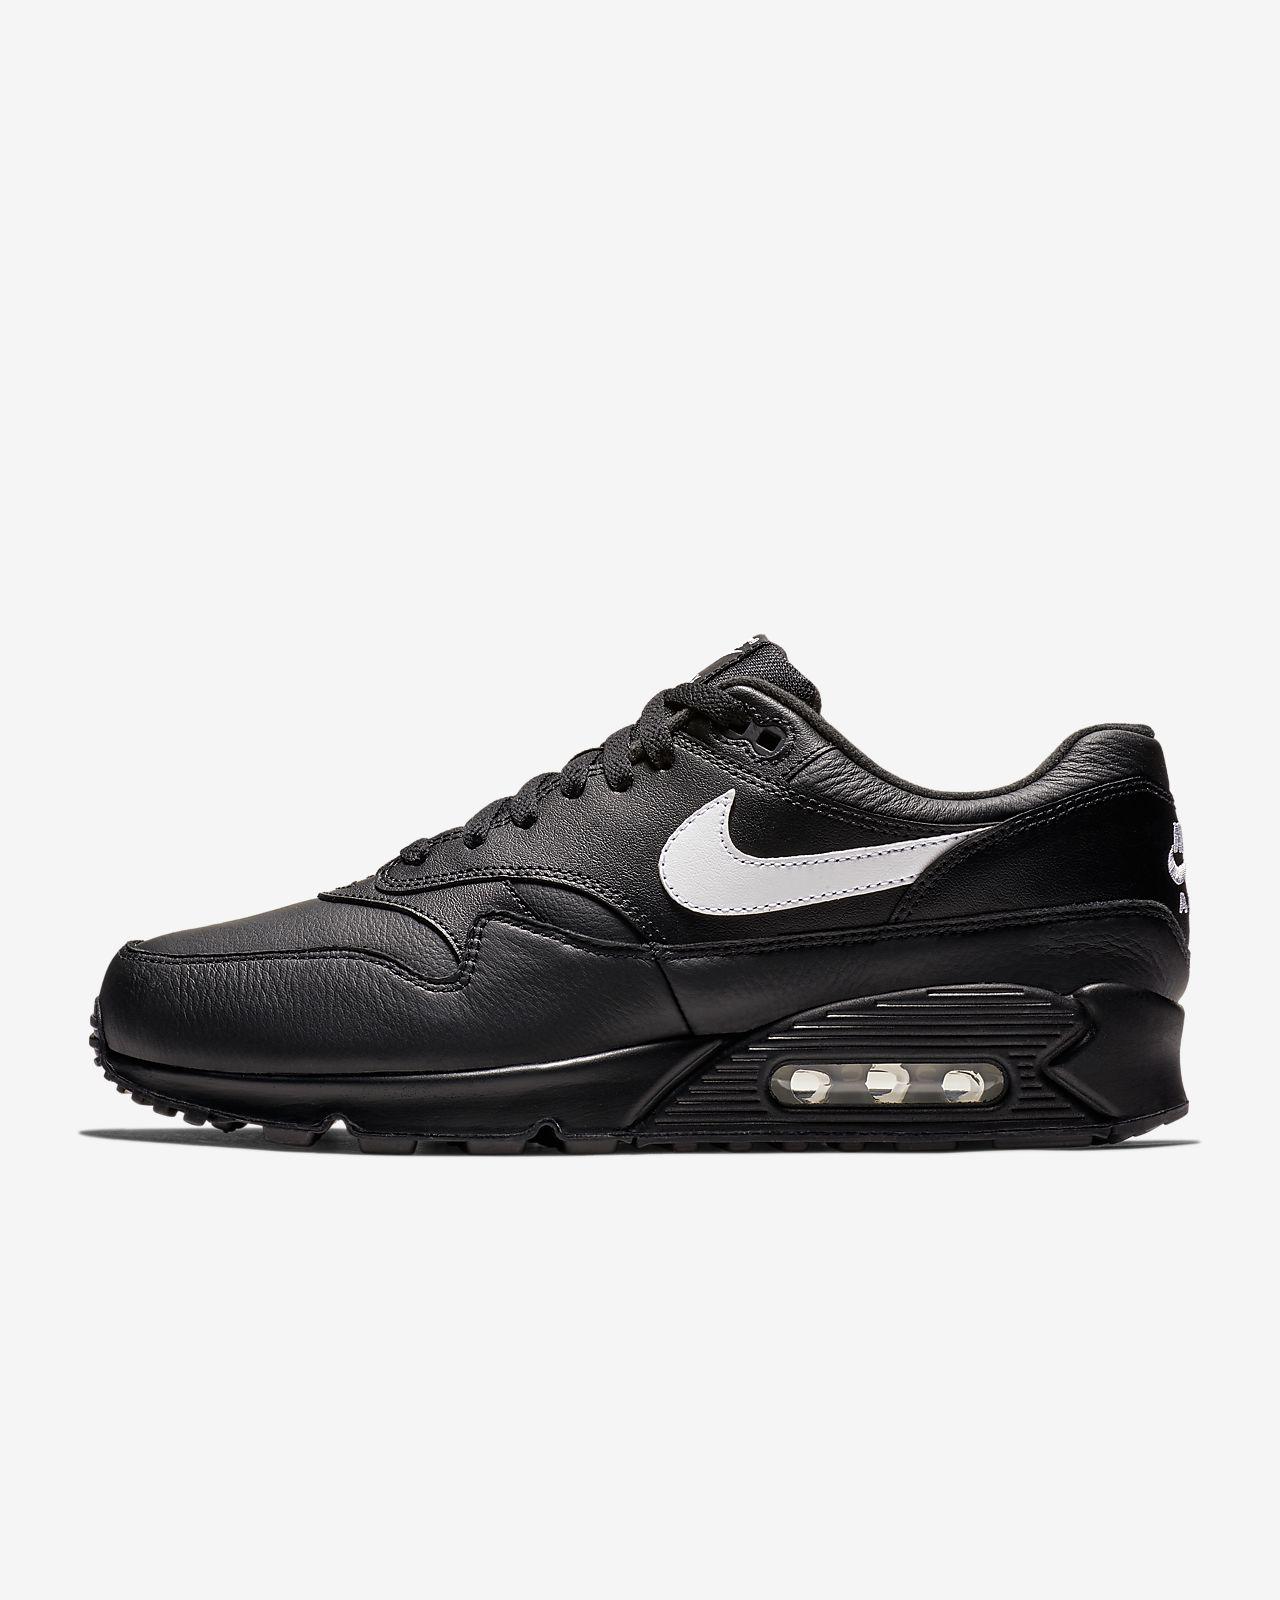 online retailer 6552c 2f4b6 ... Calzado para hombre Nike Air Max 90 1